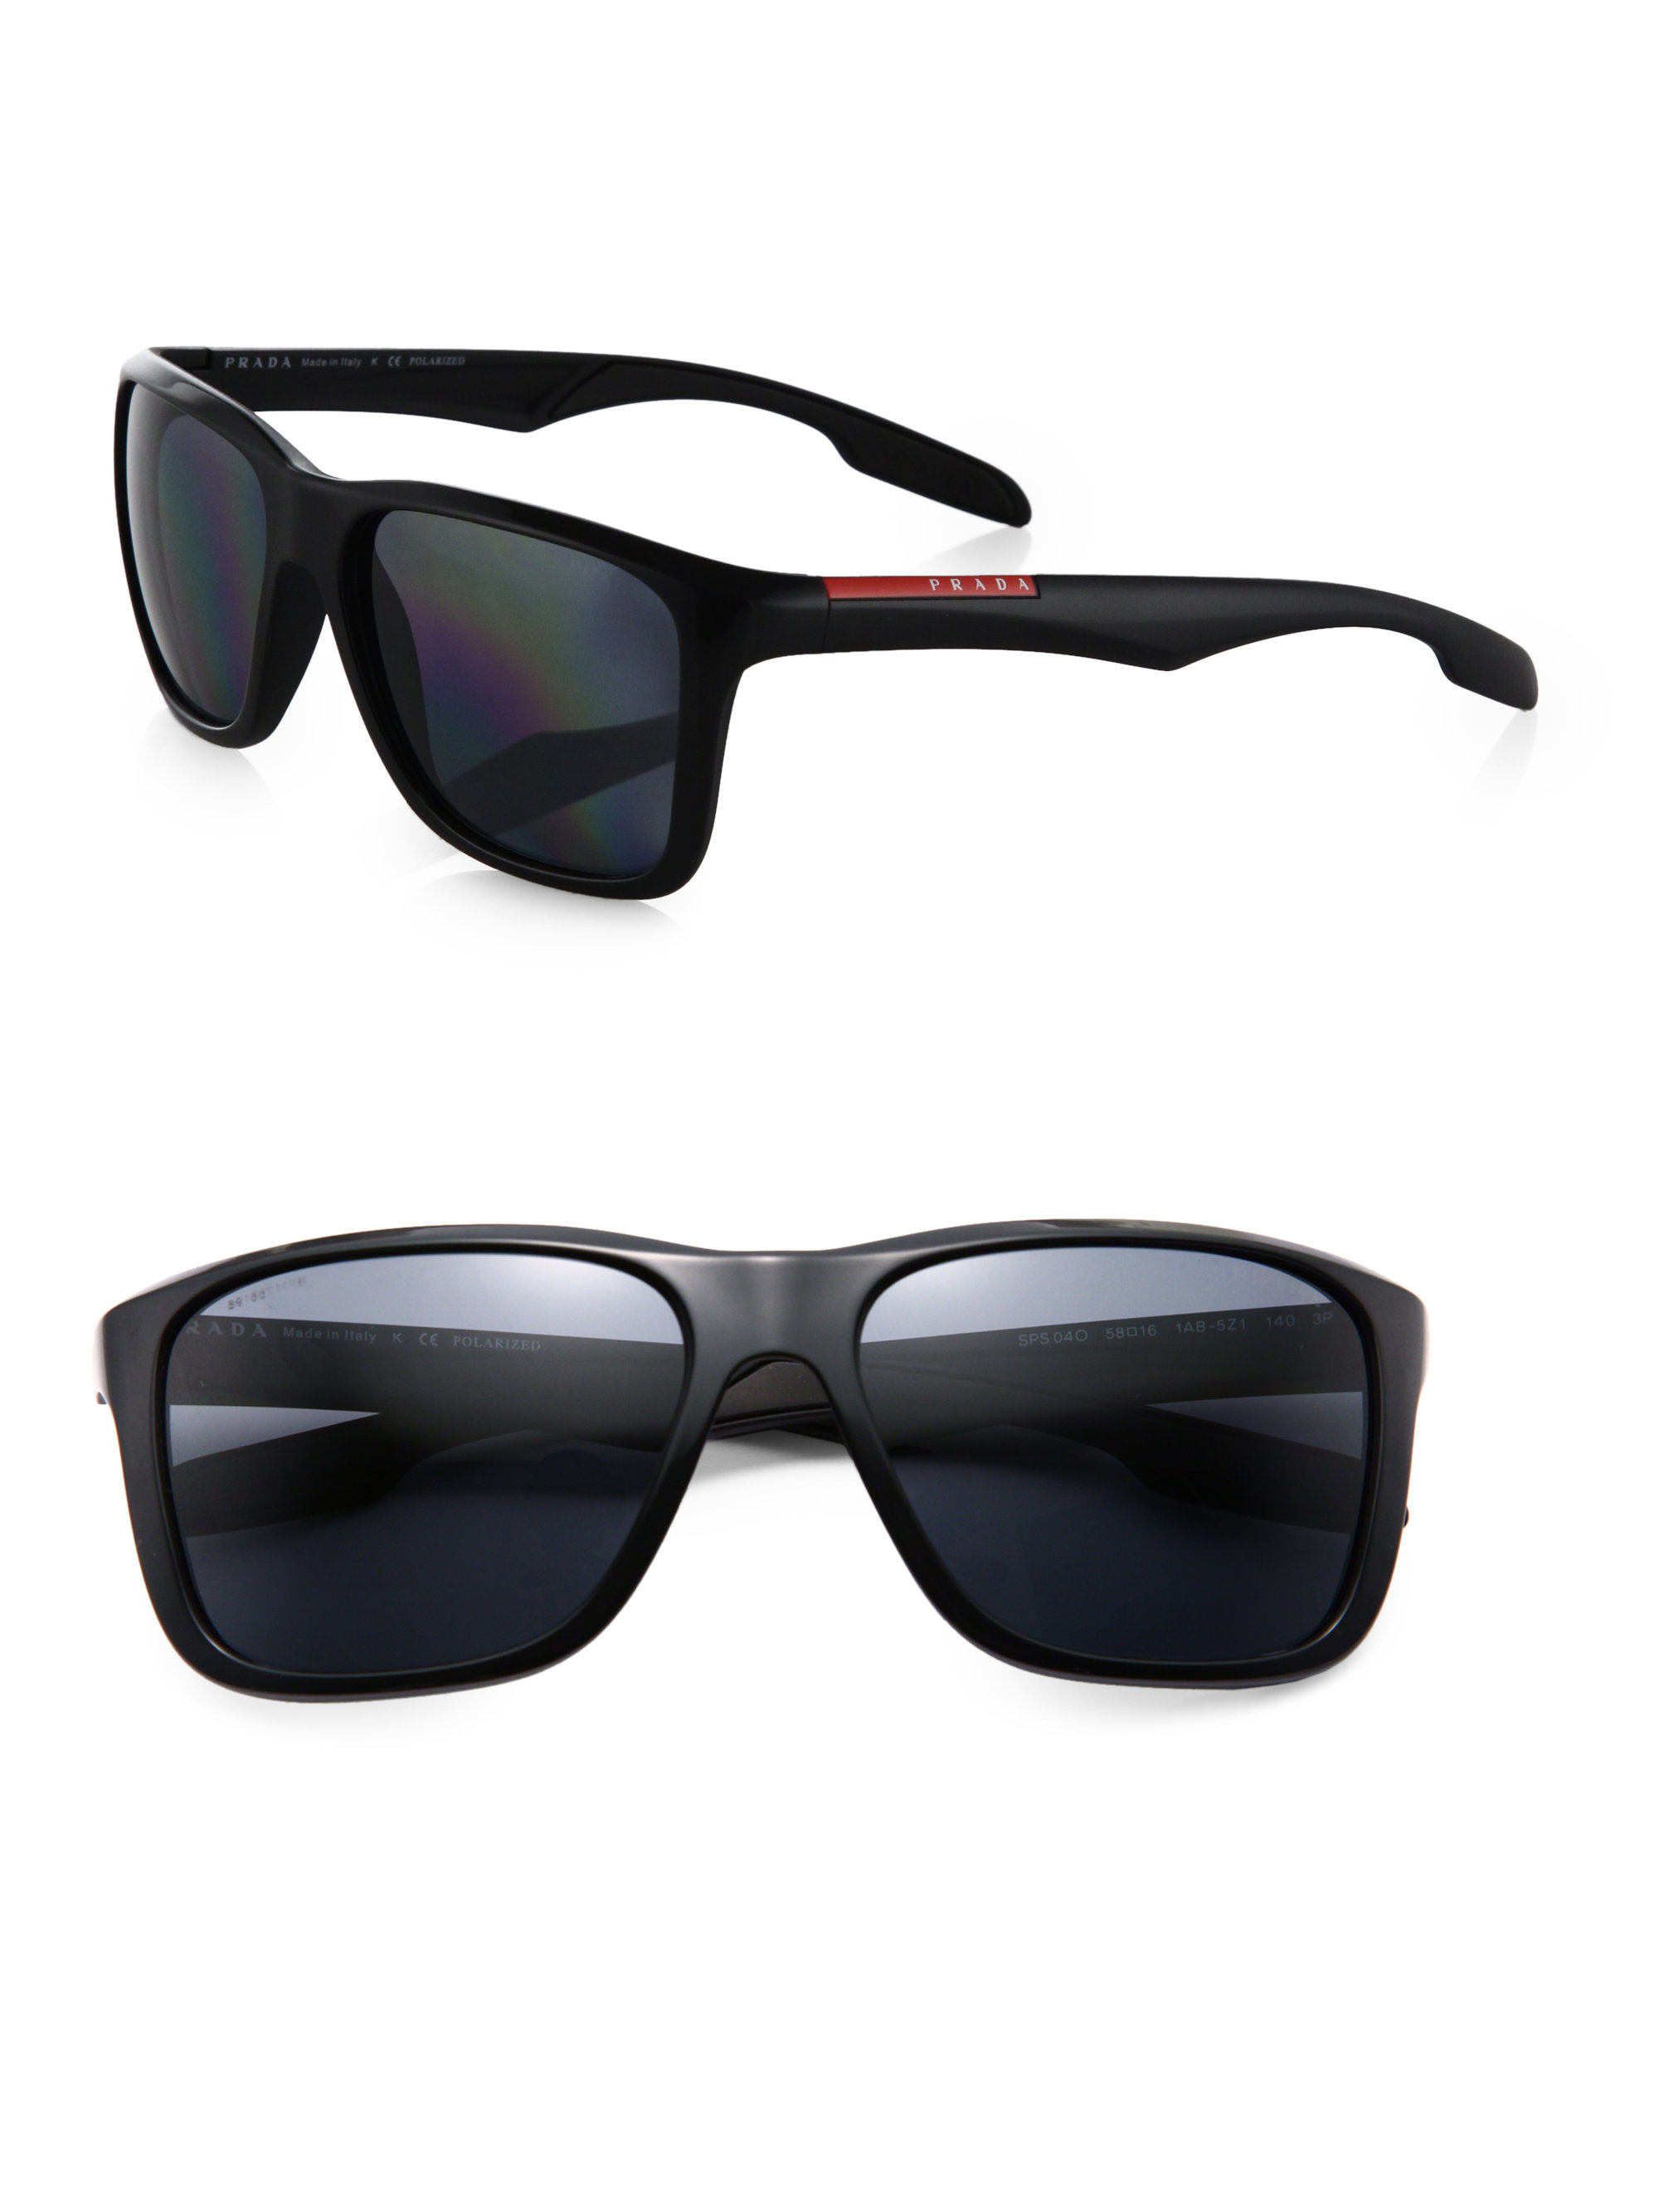 Prada Mens Sunglasses